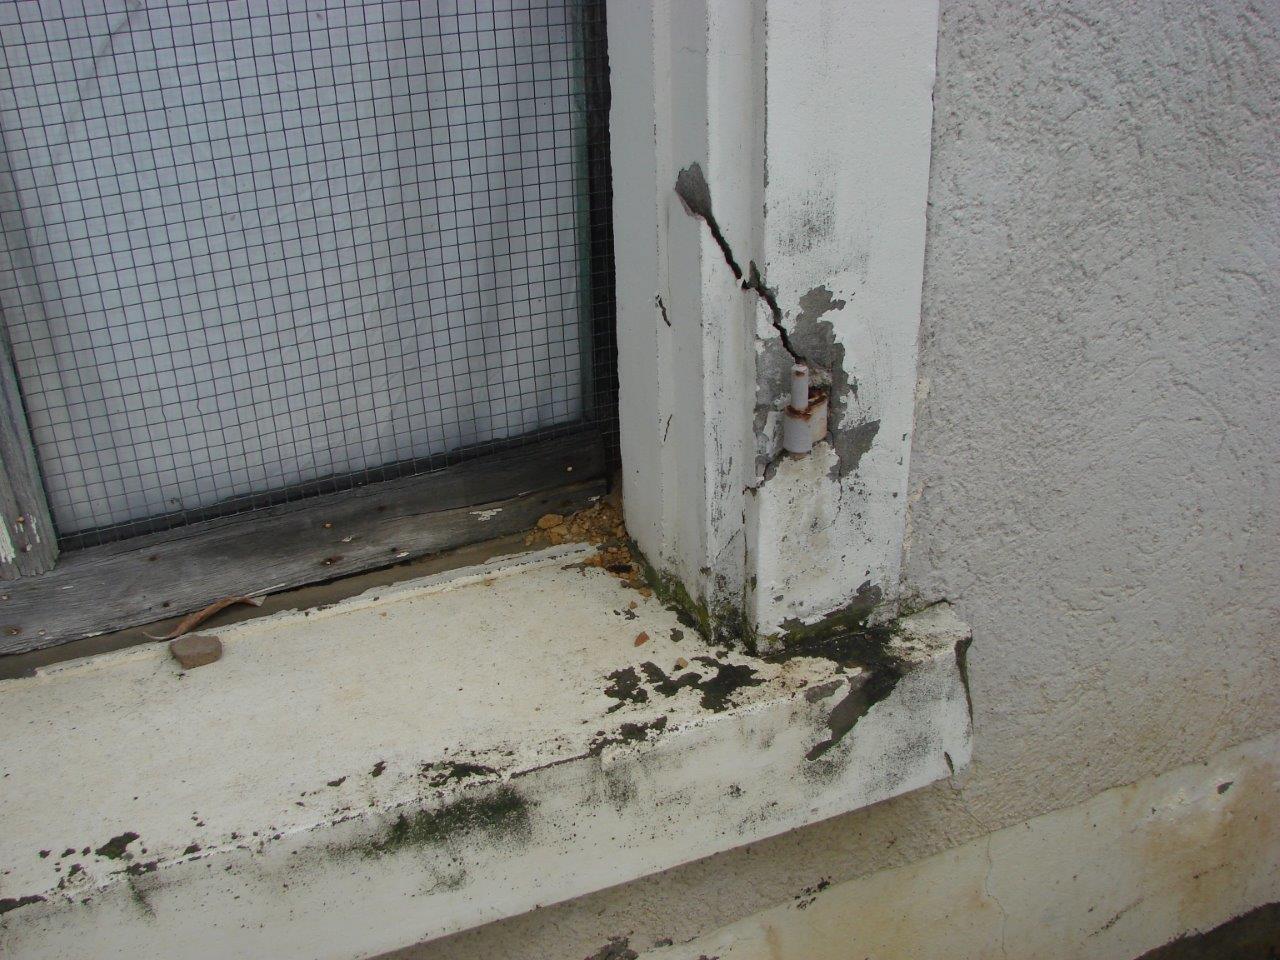 Fenstereinfassung völlig vernachlässigt, defekt, Feuchtigkeit dringt in Mauerwerk Image 5 of 10